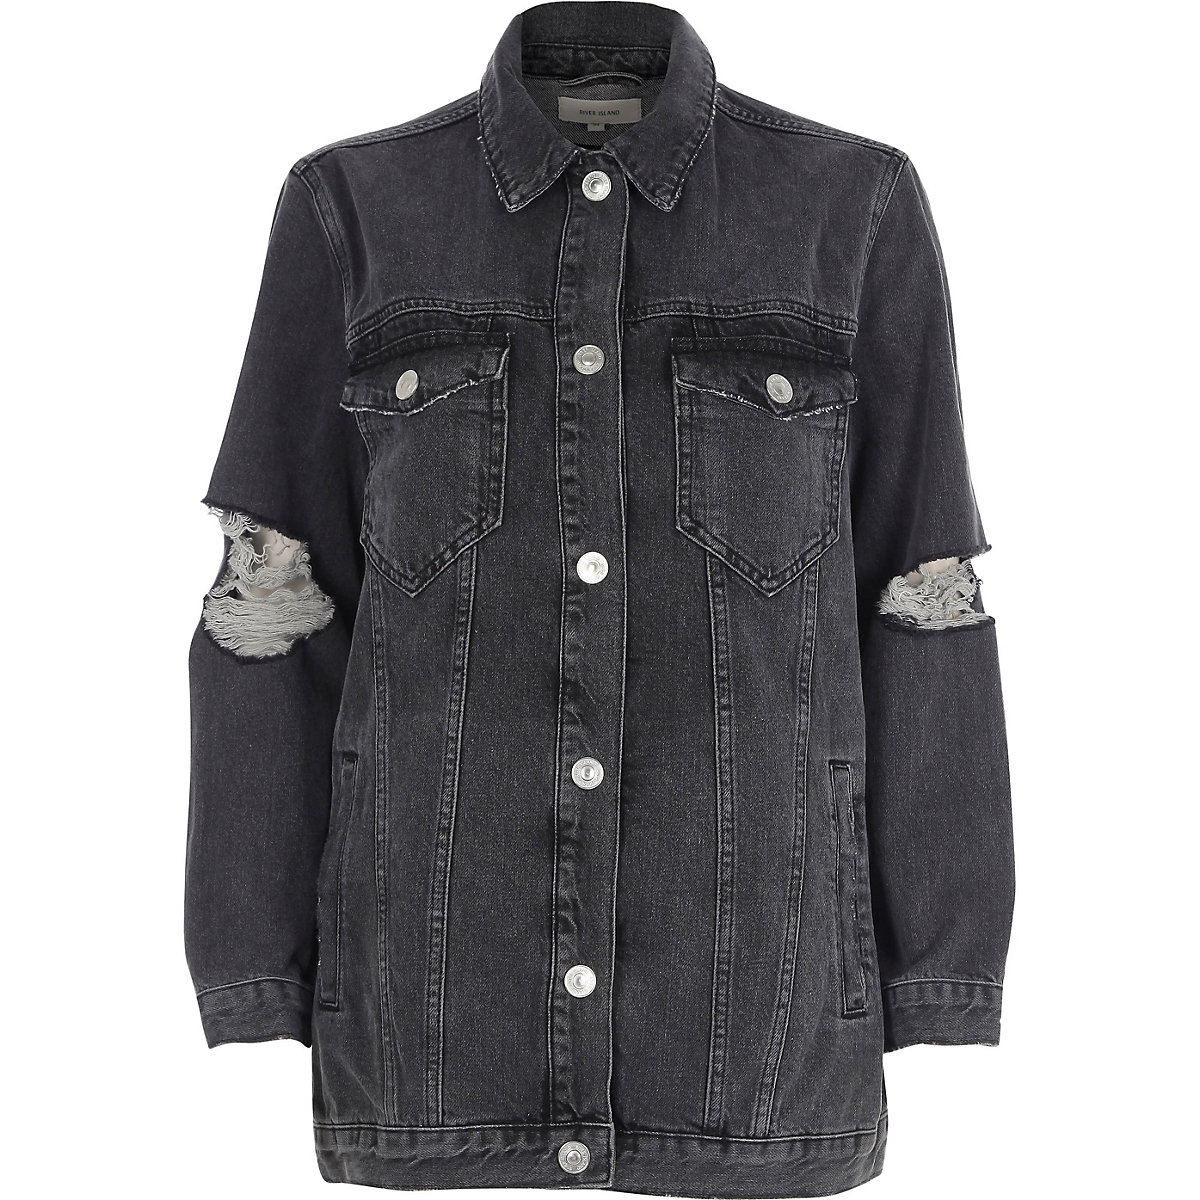 Black ripped oversized denim jacket